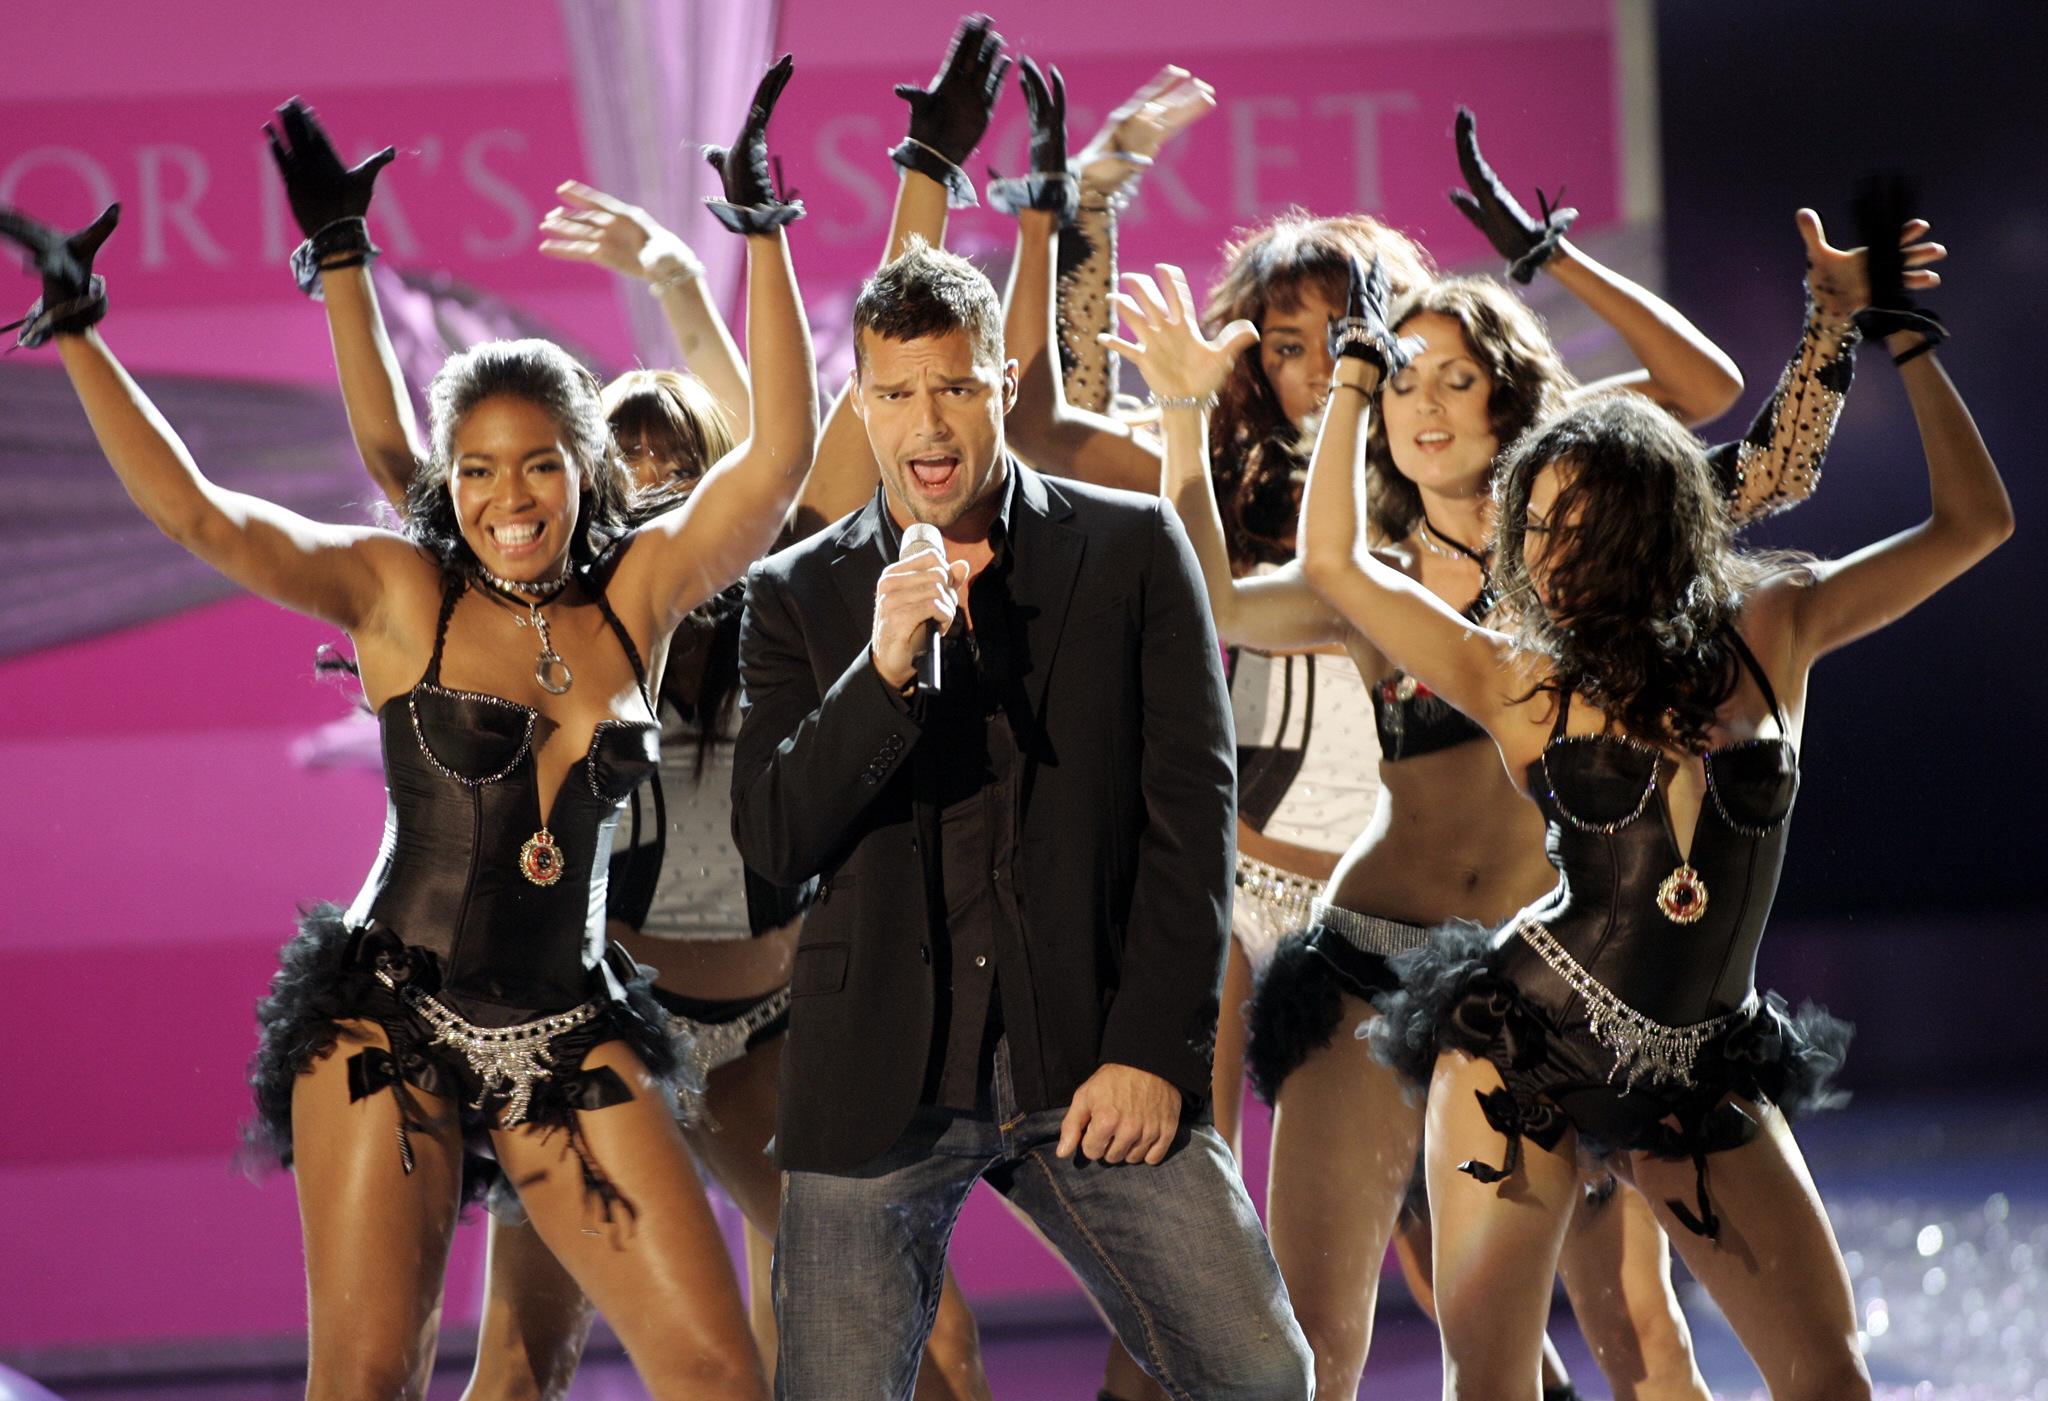 En el 2005 formó parte del espectáculo musical del Victoria's Secret Fashion Show celebrado en Nueva York. (Archivo)